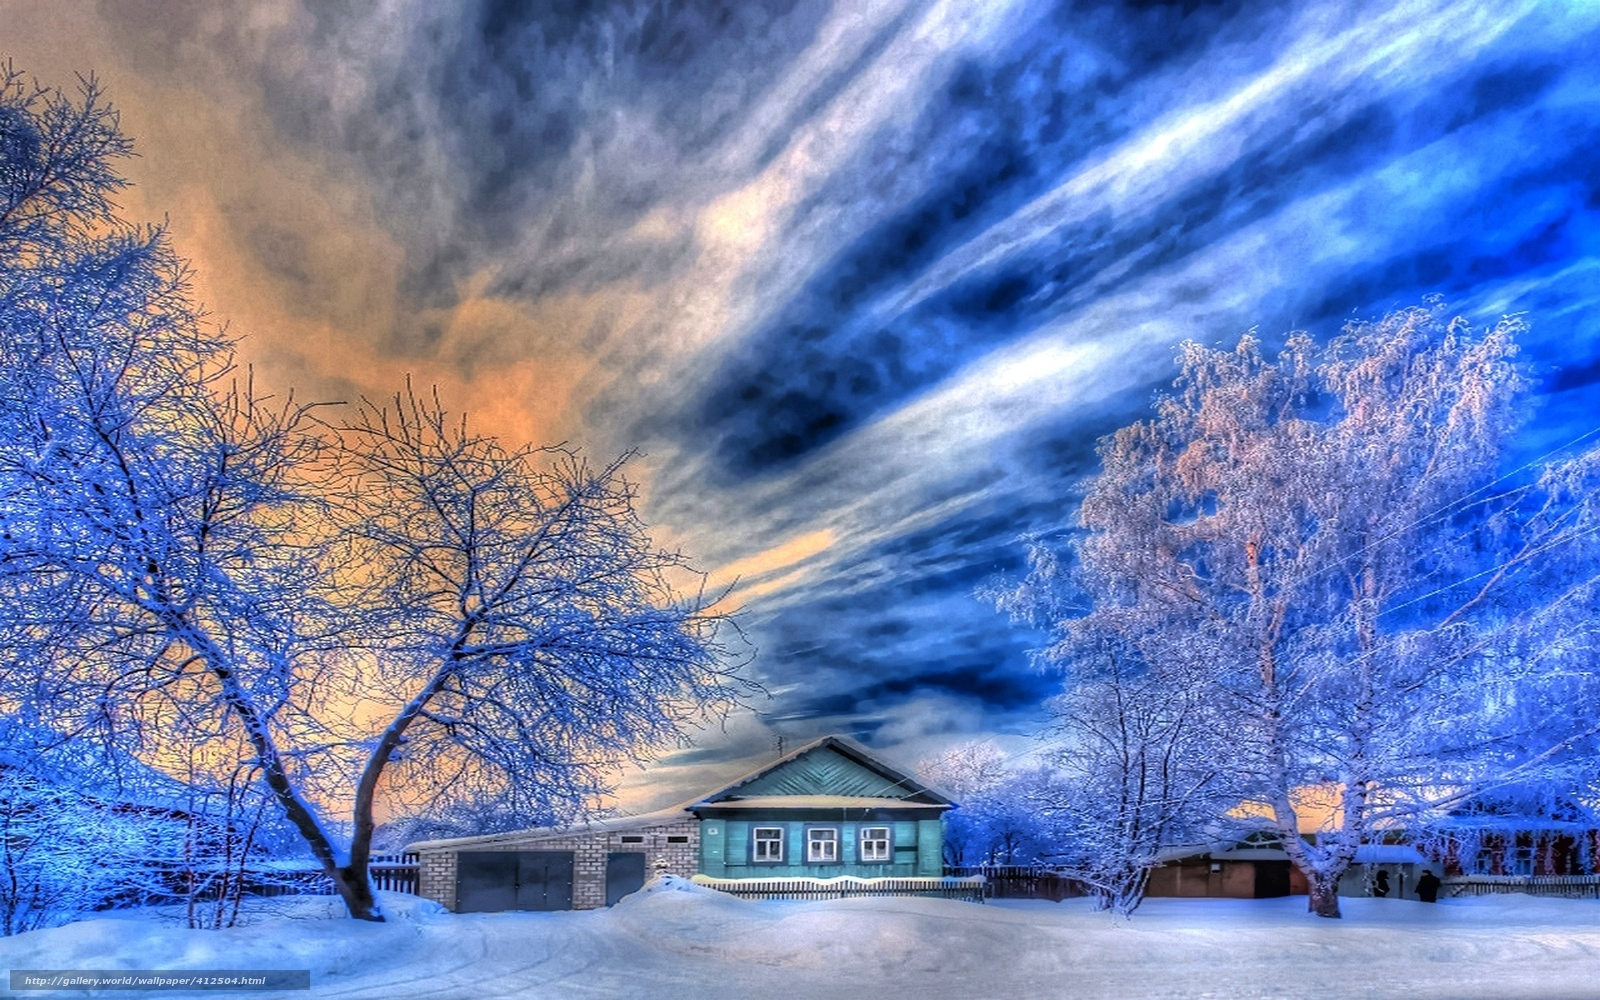 Scaricare gli sfondi natura inverno russo villaggio for Desktop gratis inverno